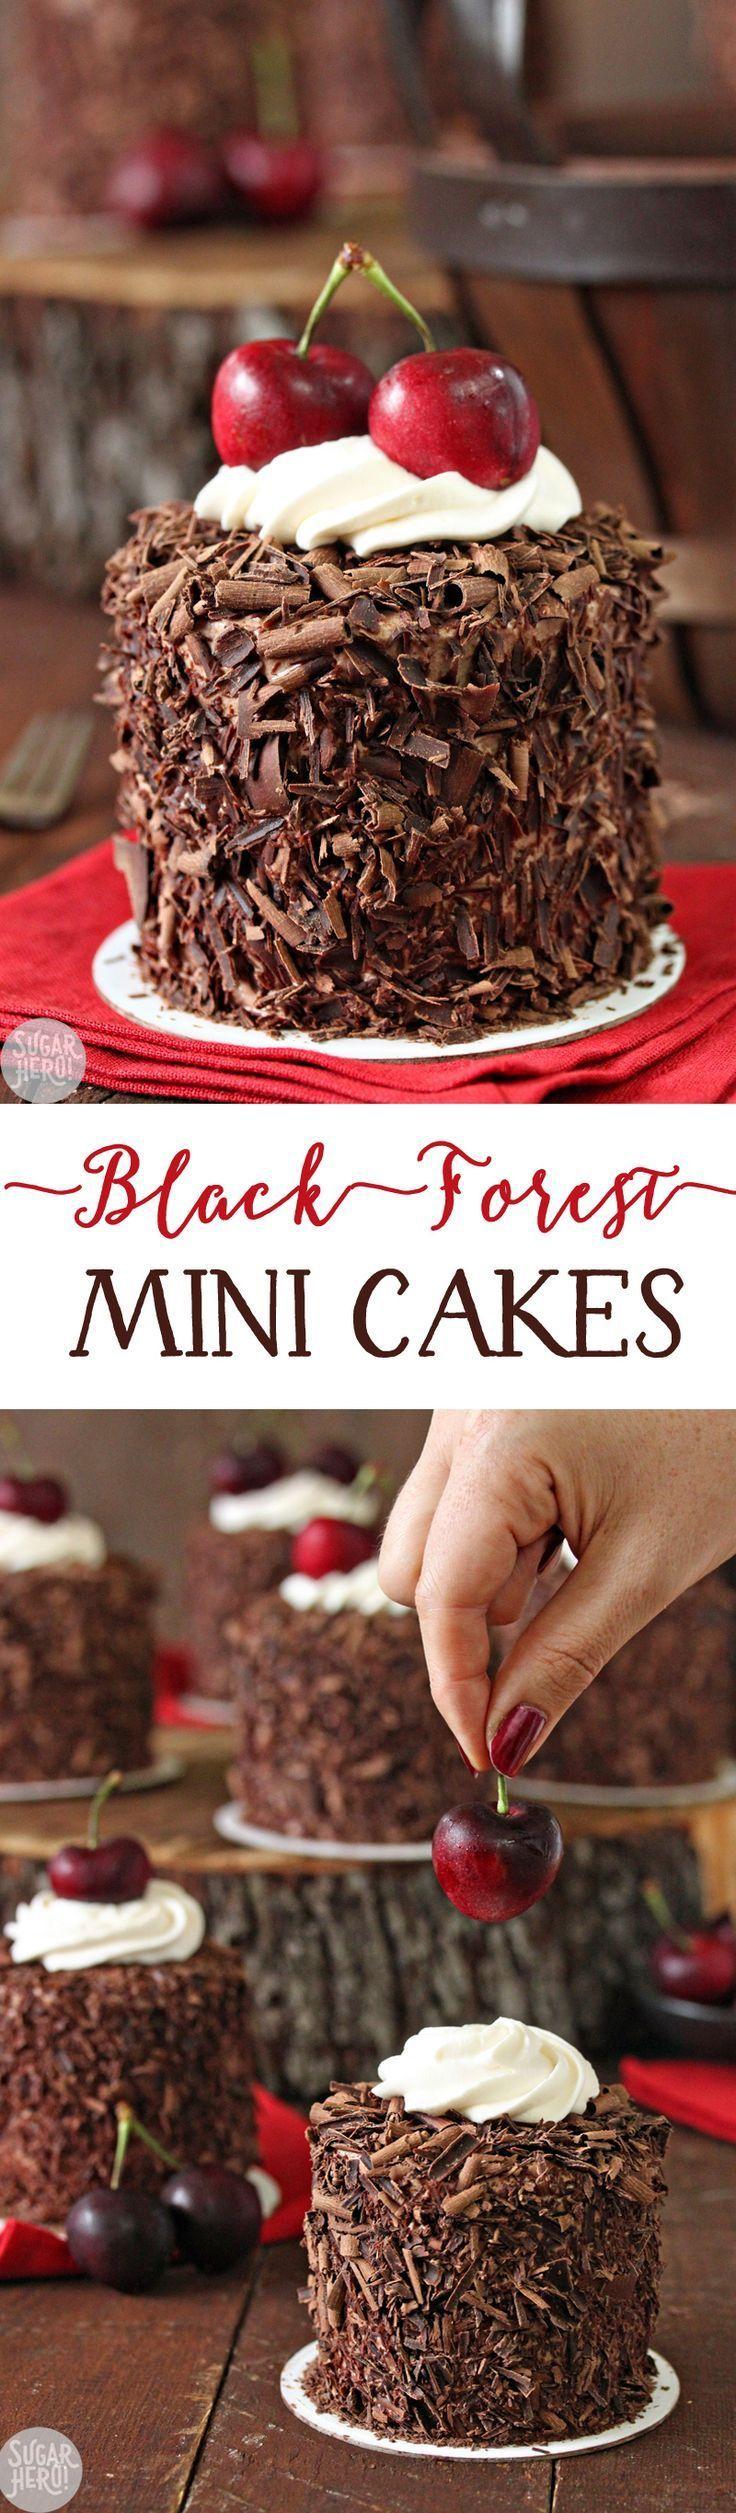 29+ Best black forest cake near me ideas in 2021